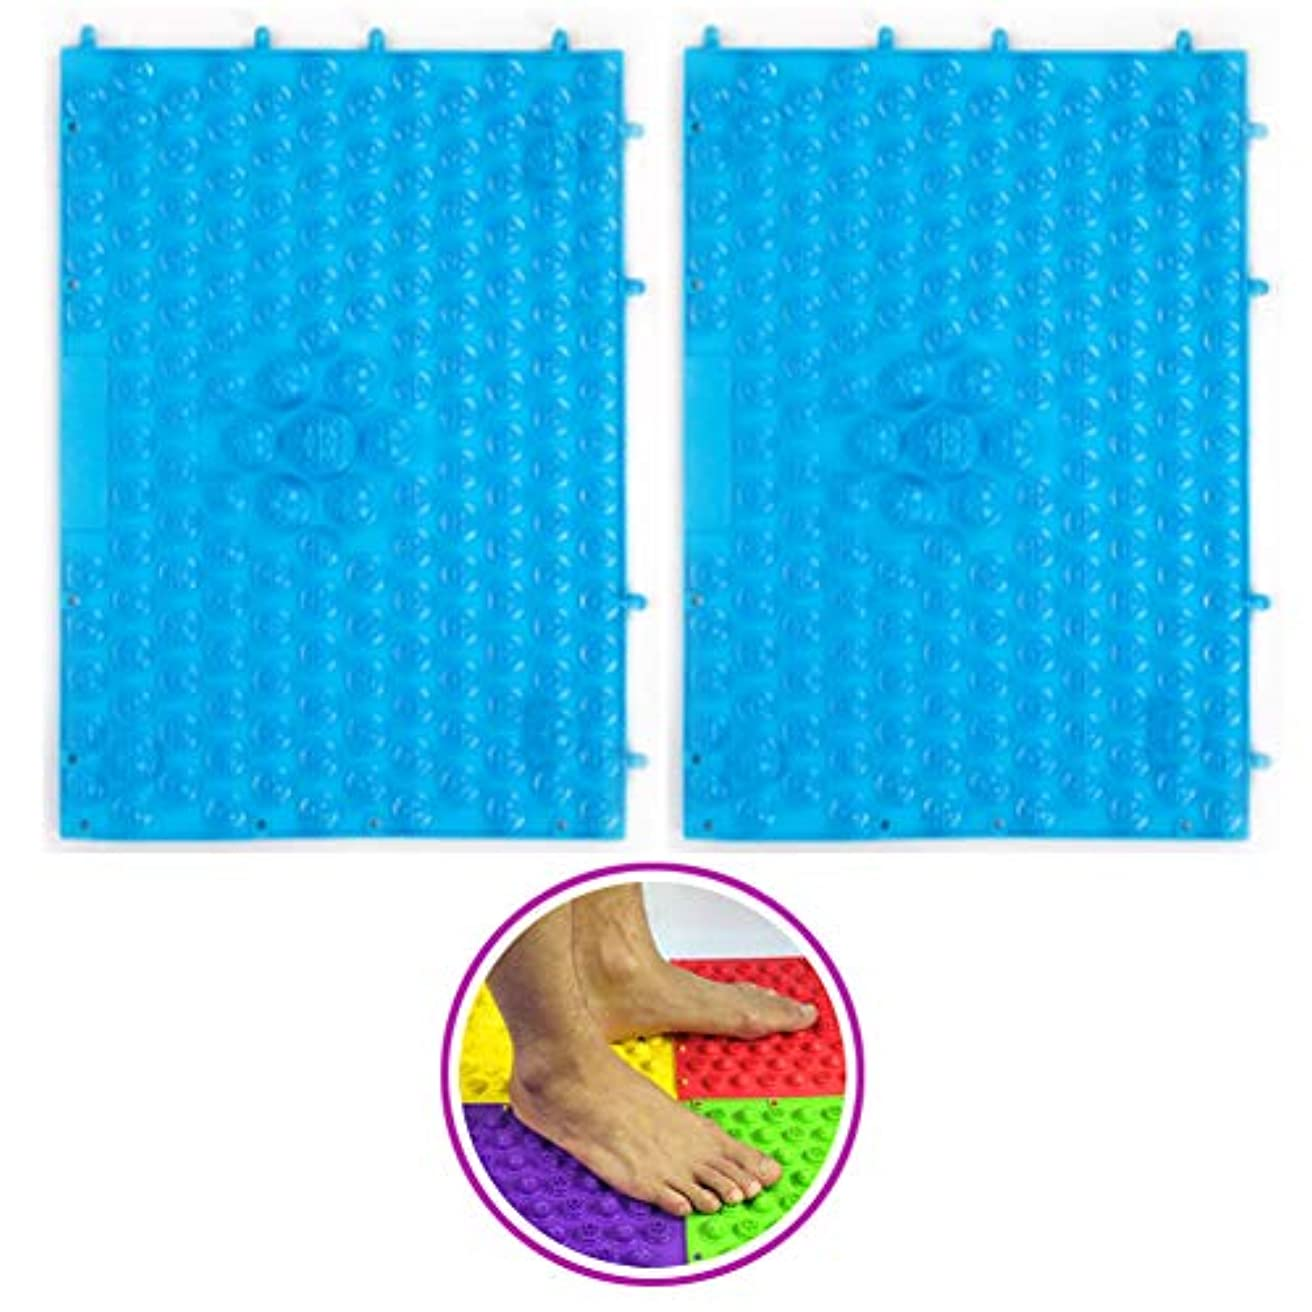 (POMAIKAI) 足つぼマット マッサージシート 健康 ダイエット 足裏マッサージ 2枚セット (ブルー)